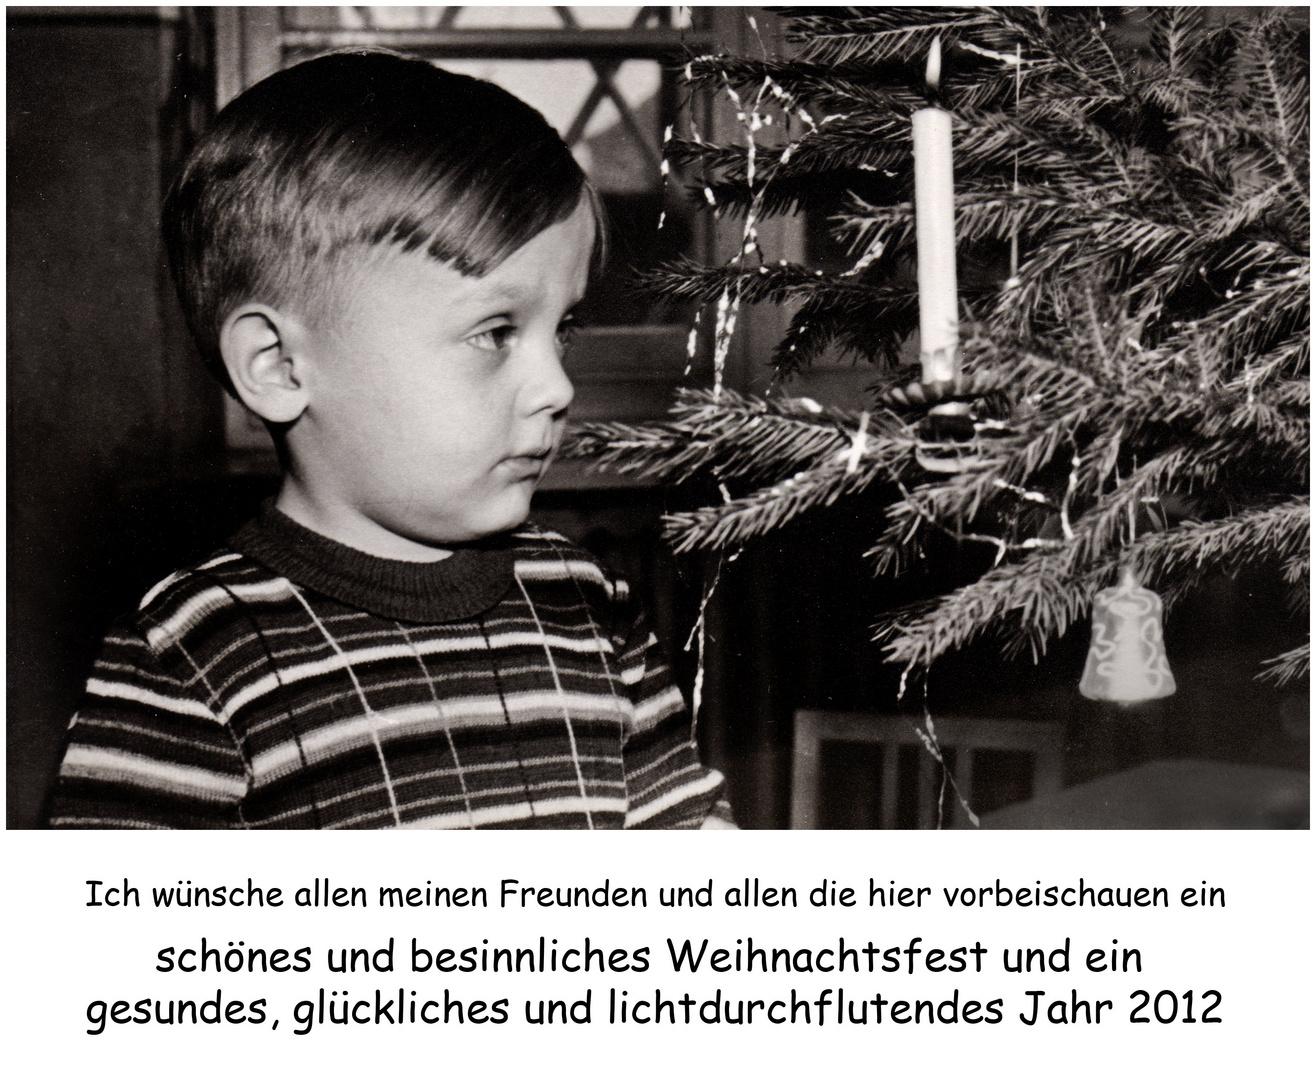 Schöne Weihnacht und ein gesundes Neues Jahr Foto & Bild ...